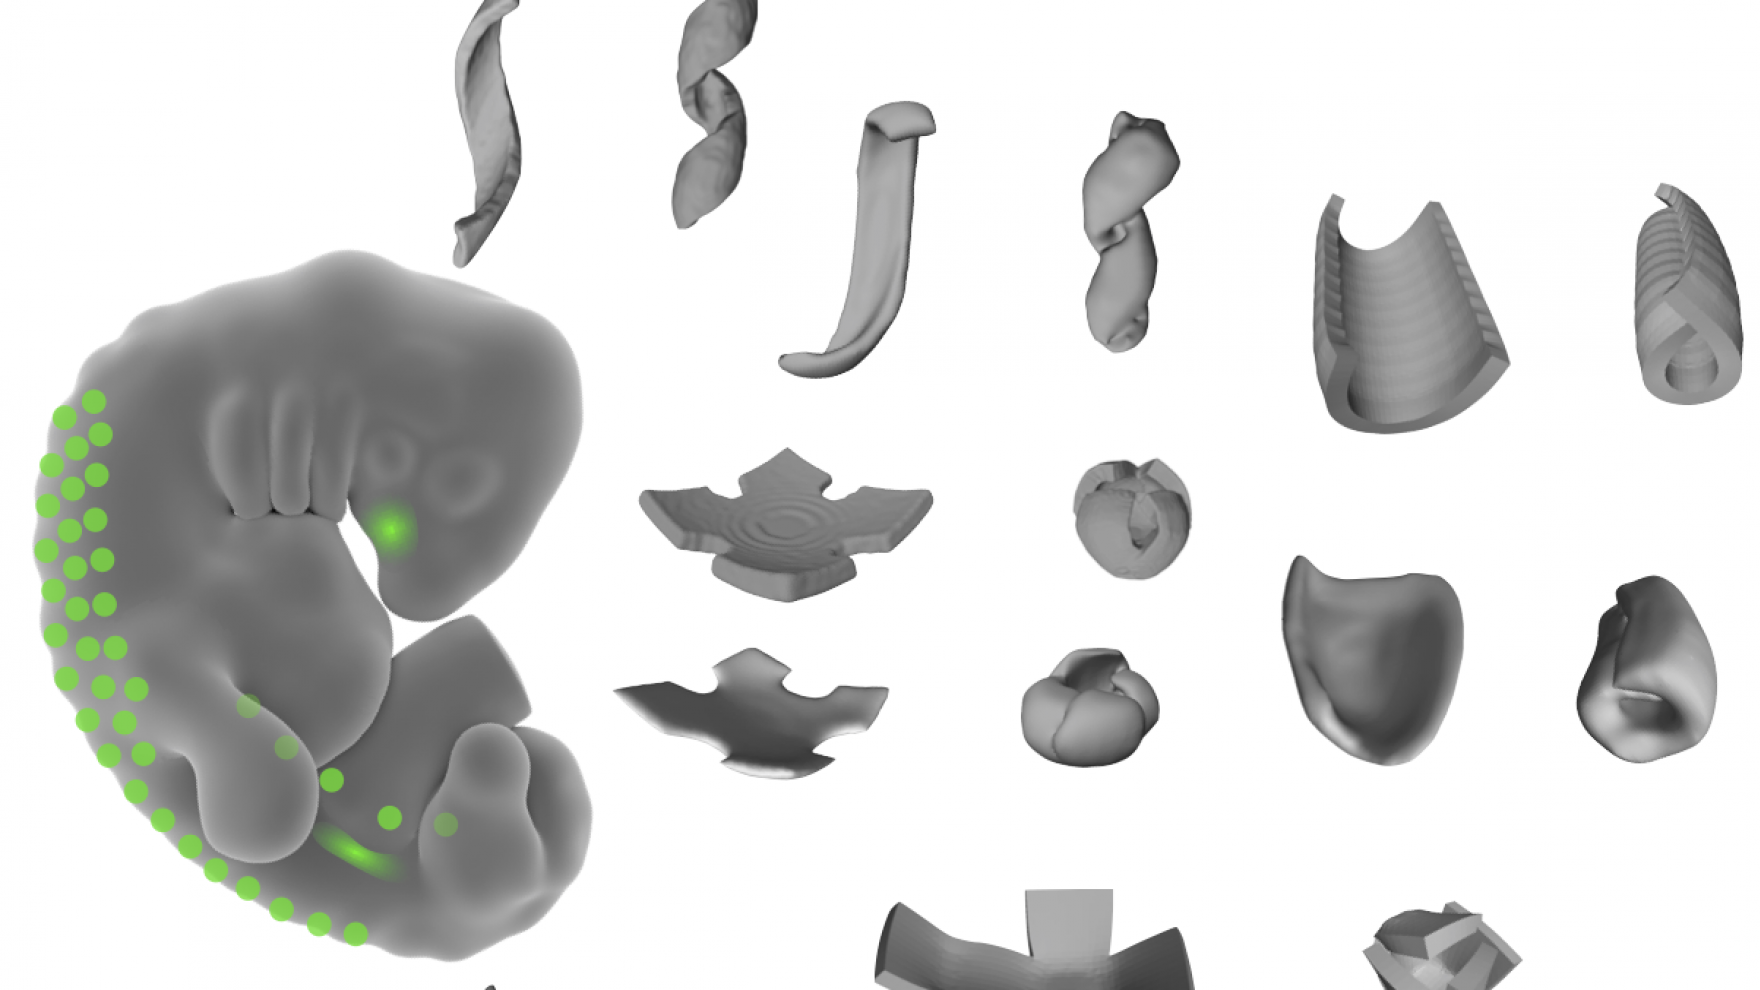 3d structures programmed by Gartner Lab